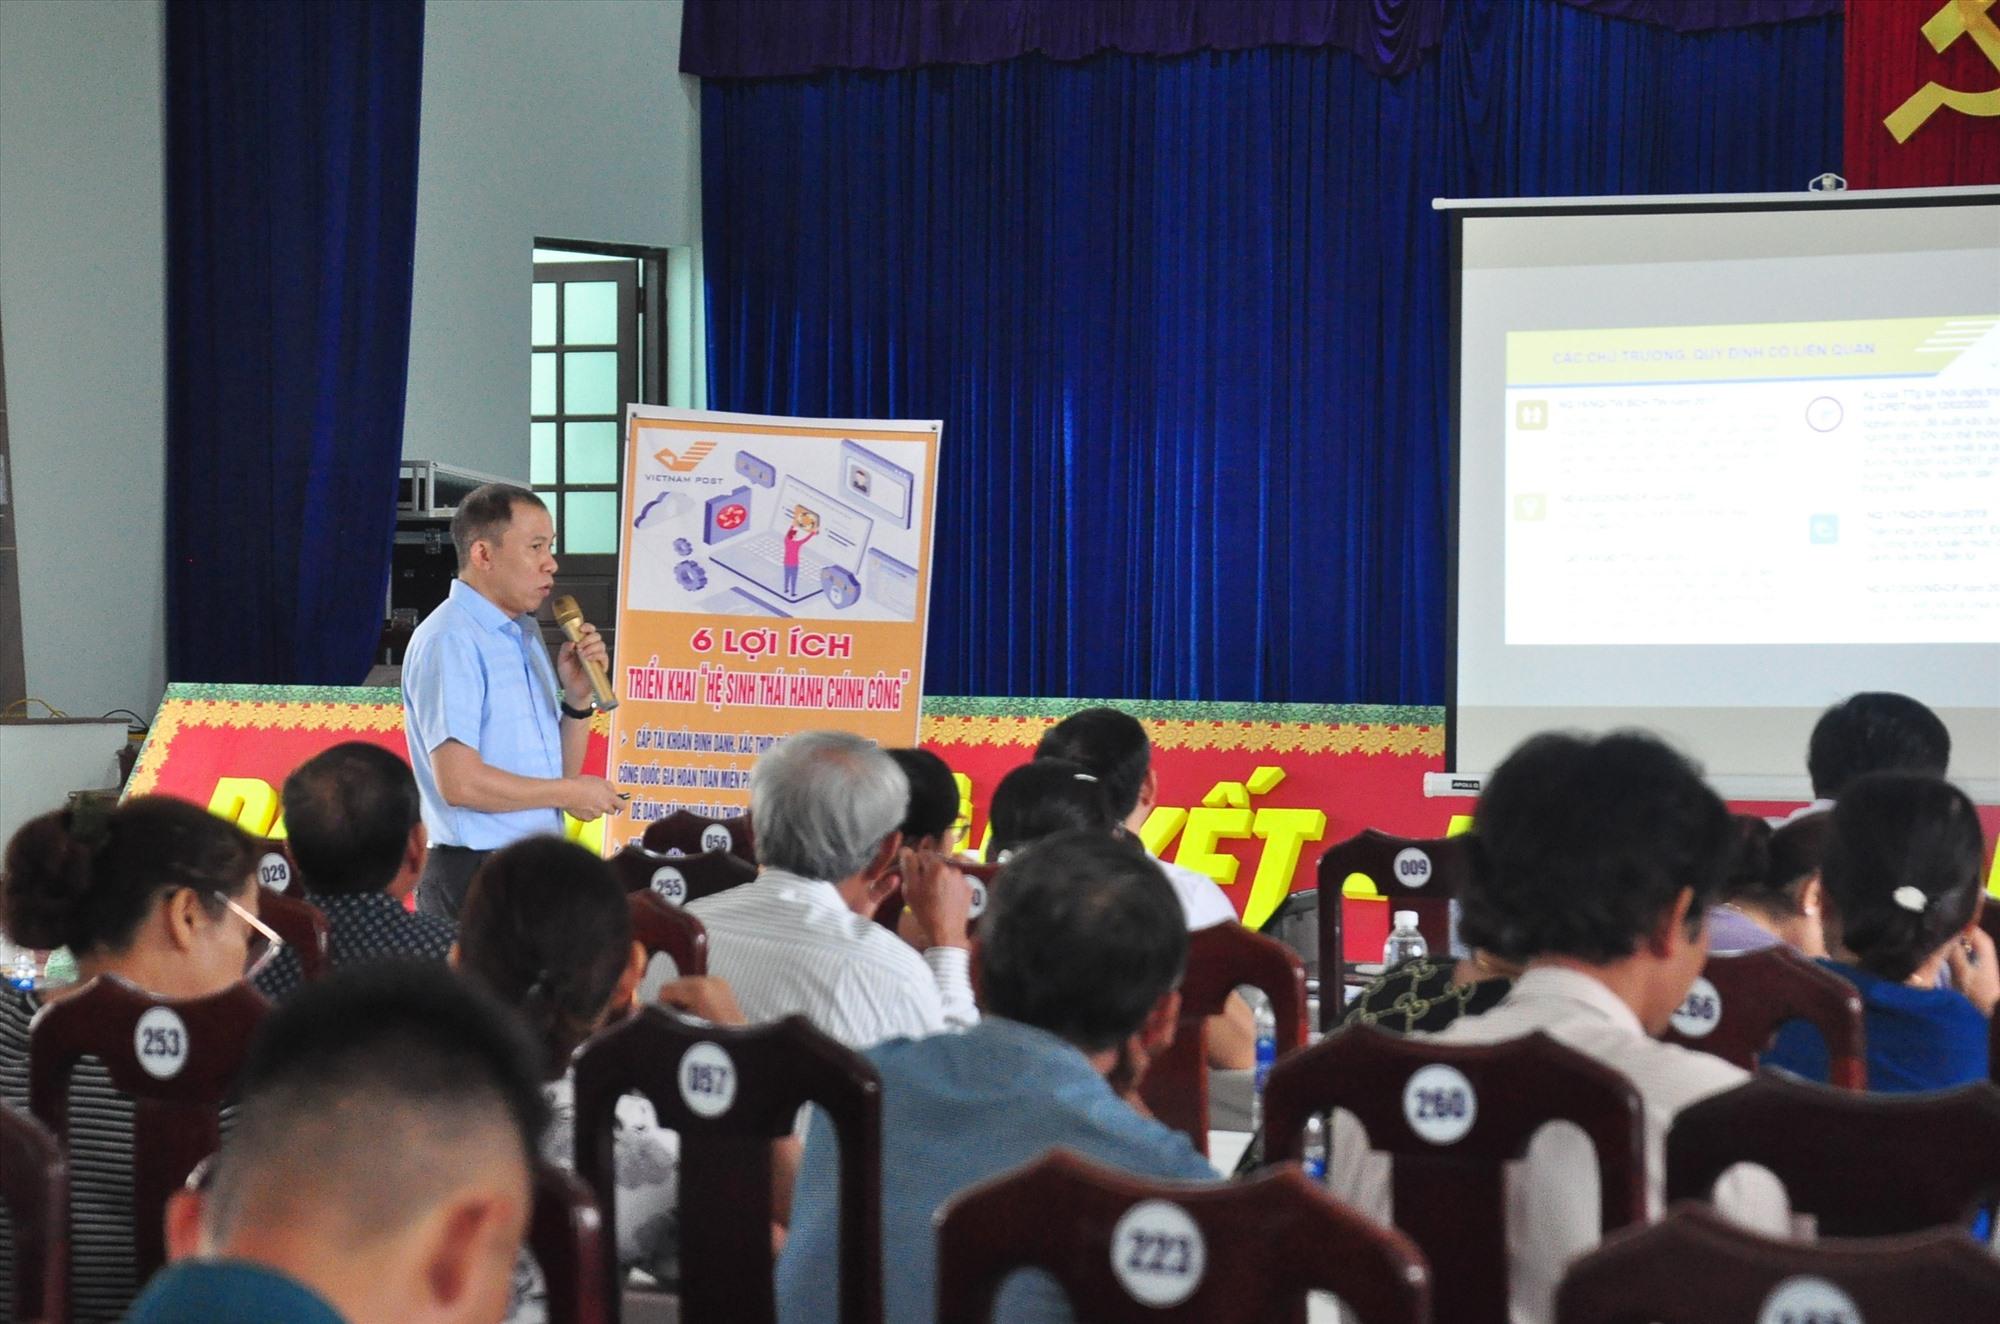 """Cán bộ, người dân thị trấn Nam Phước được nhân viên bưu điện giới thiệu về """"Hệ sinh thái hành chính công"""". Ảnh: V.A"""